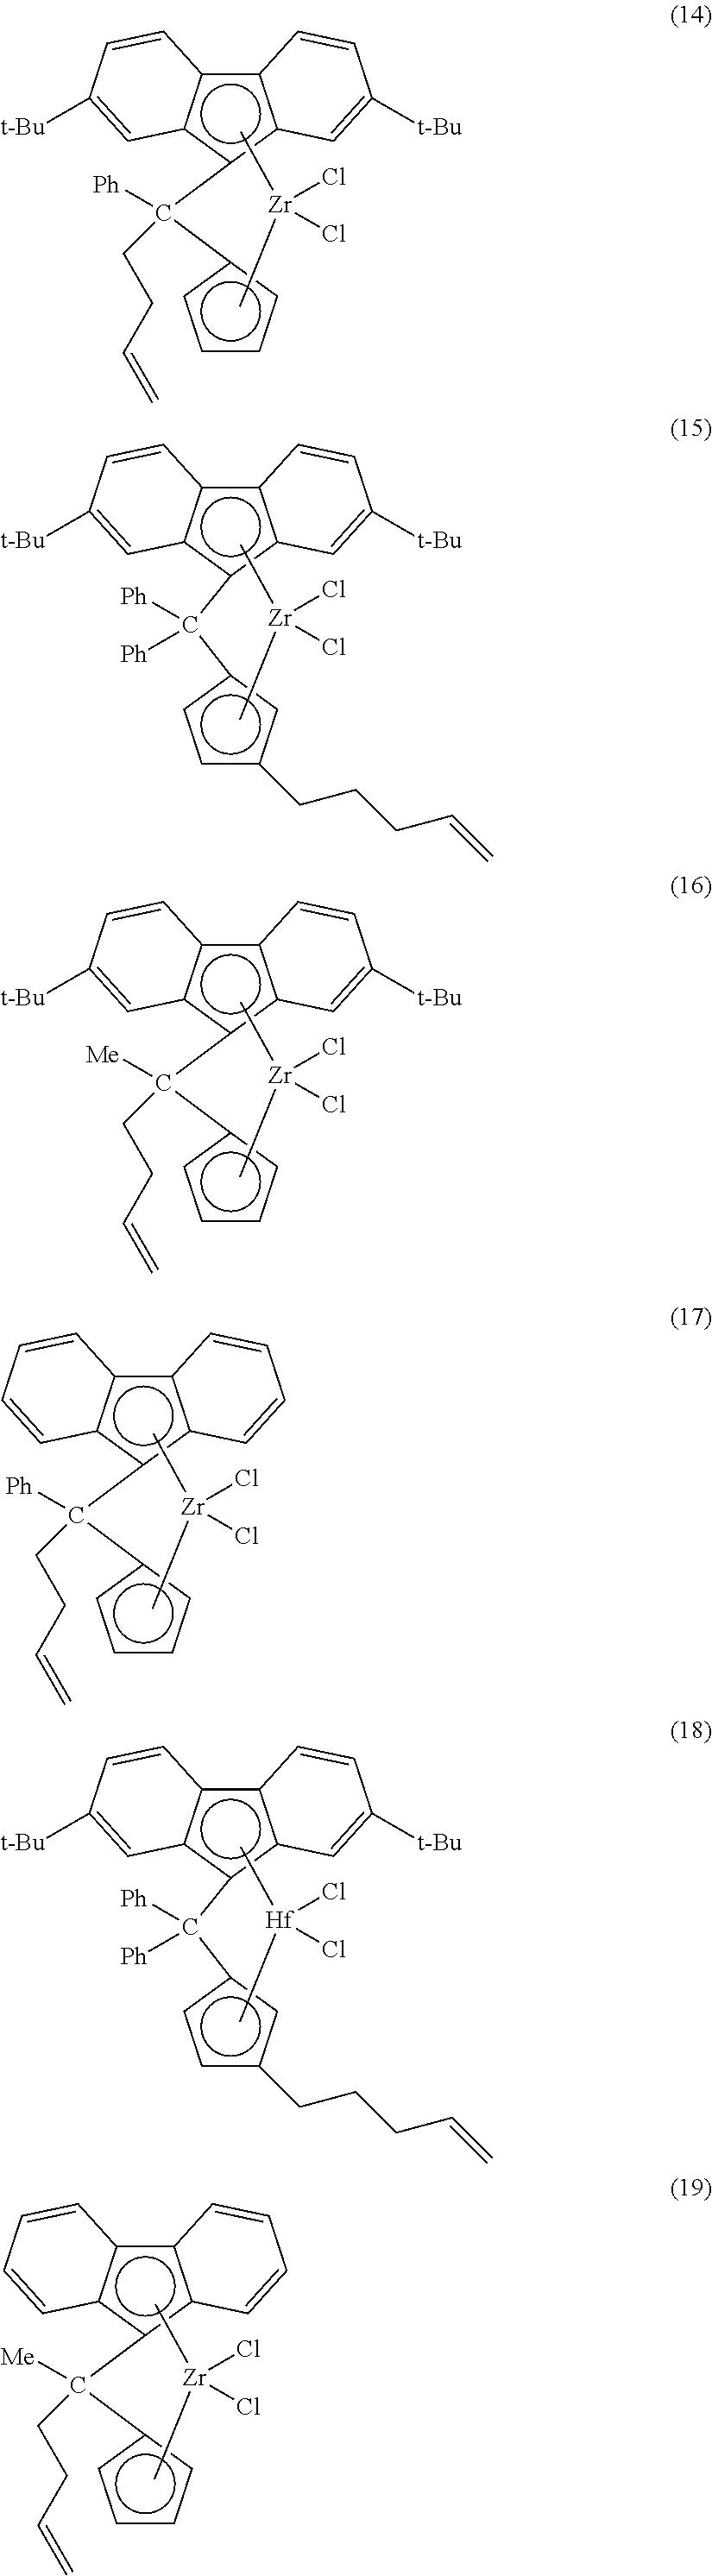 Figure US09550849-20170124-C00006